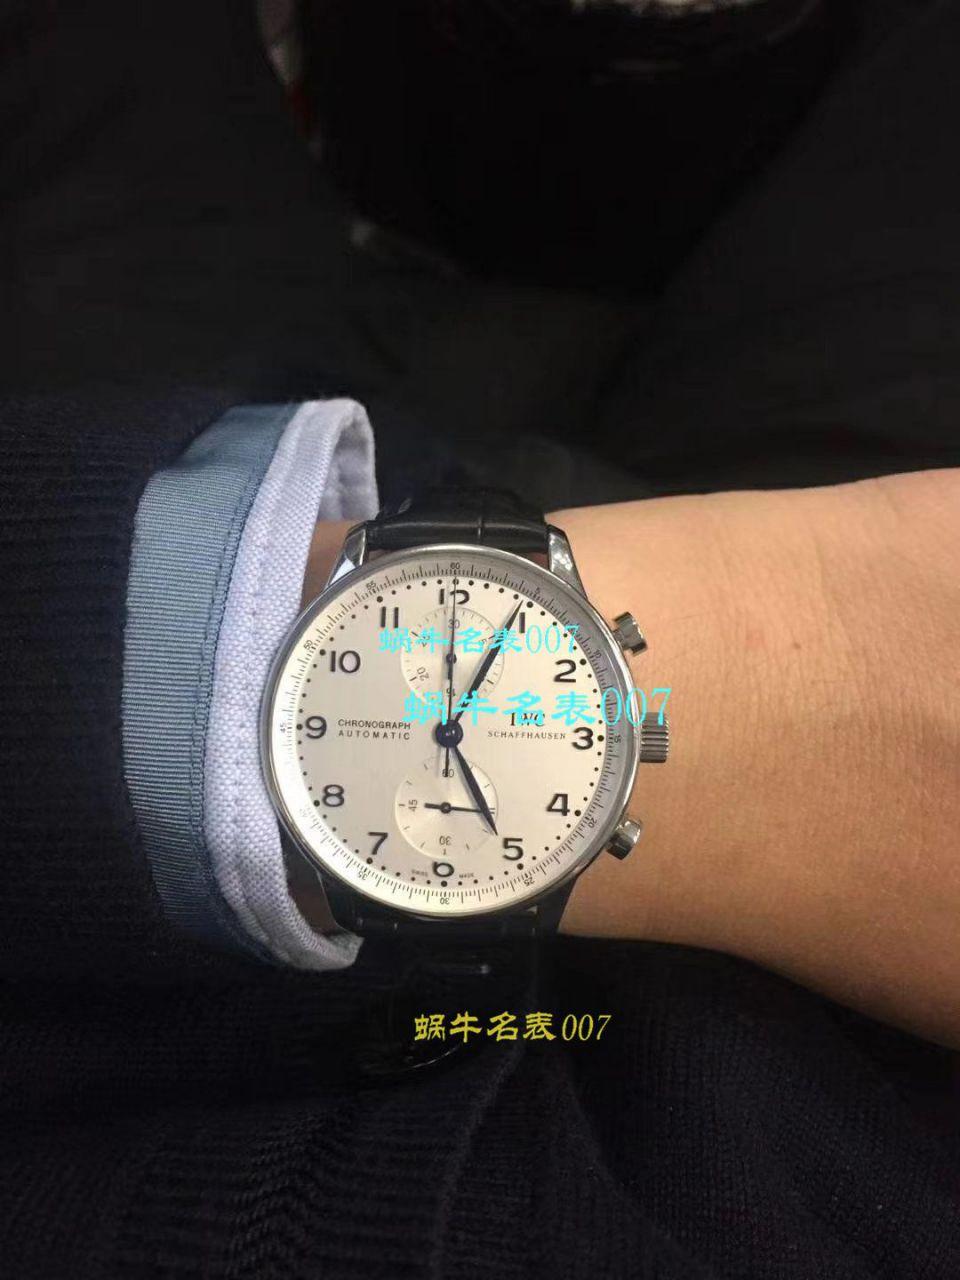 视频评测顶级复刻IWC万国表葡萄牙系列IW371491腕表【YL厂V7版本万国葡计】